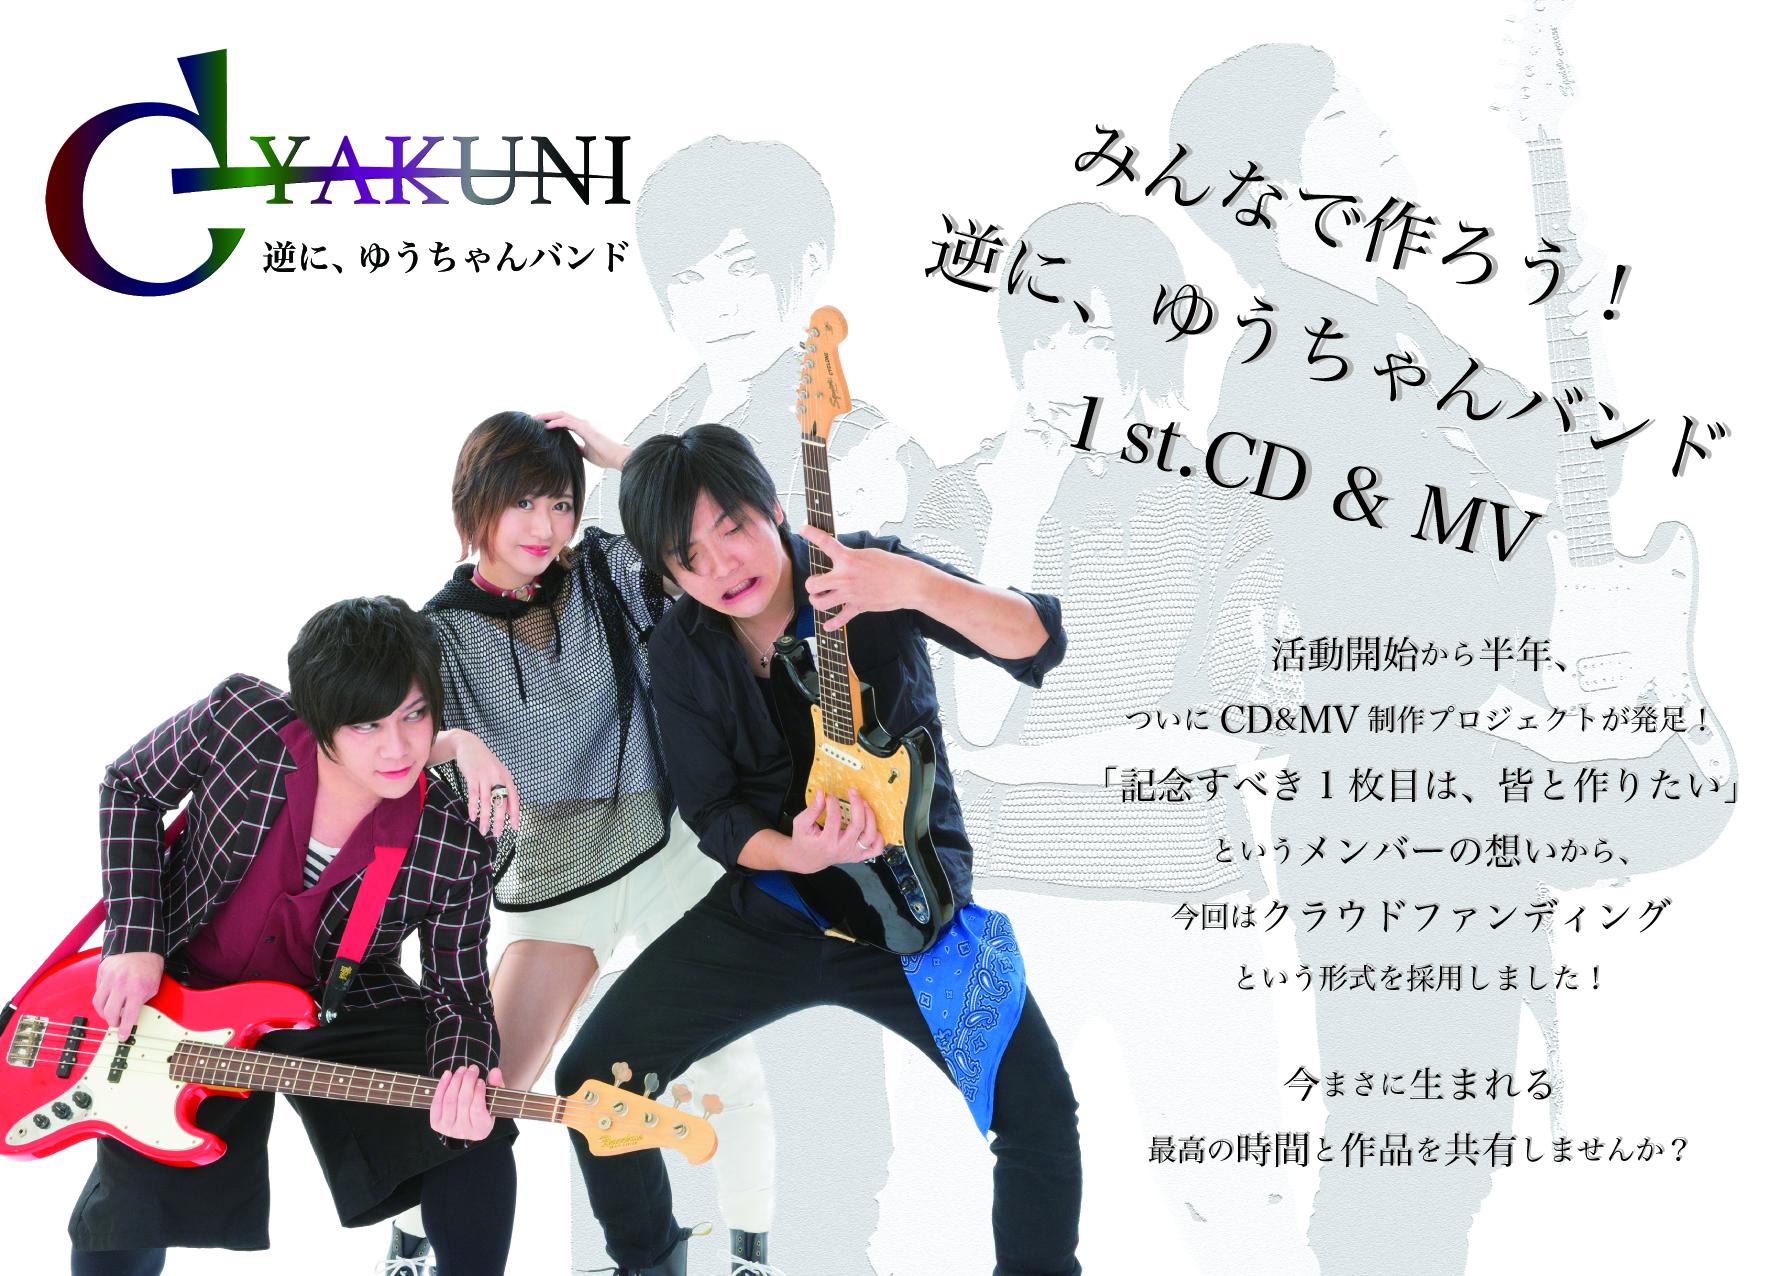 逆に、ゆうちゃんバンド〜みんなで作ろう1st.CD&MV!!〜